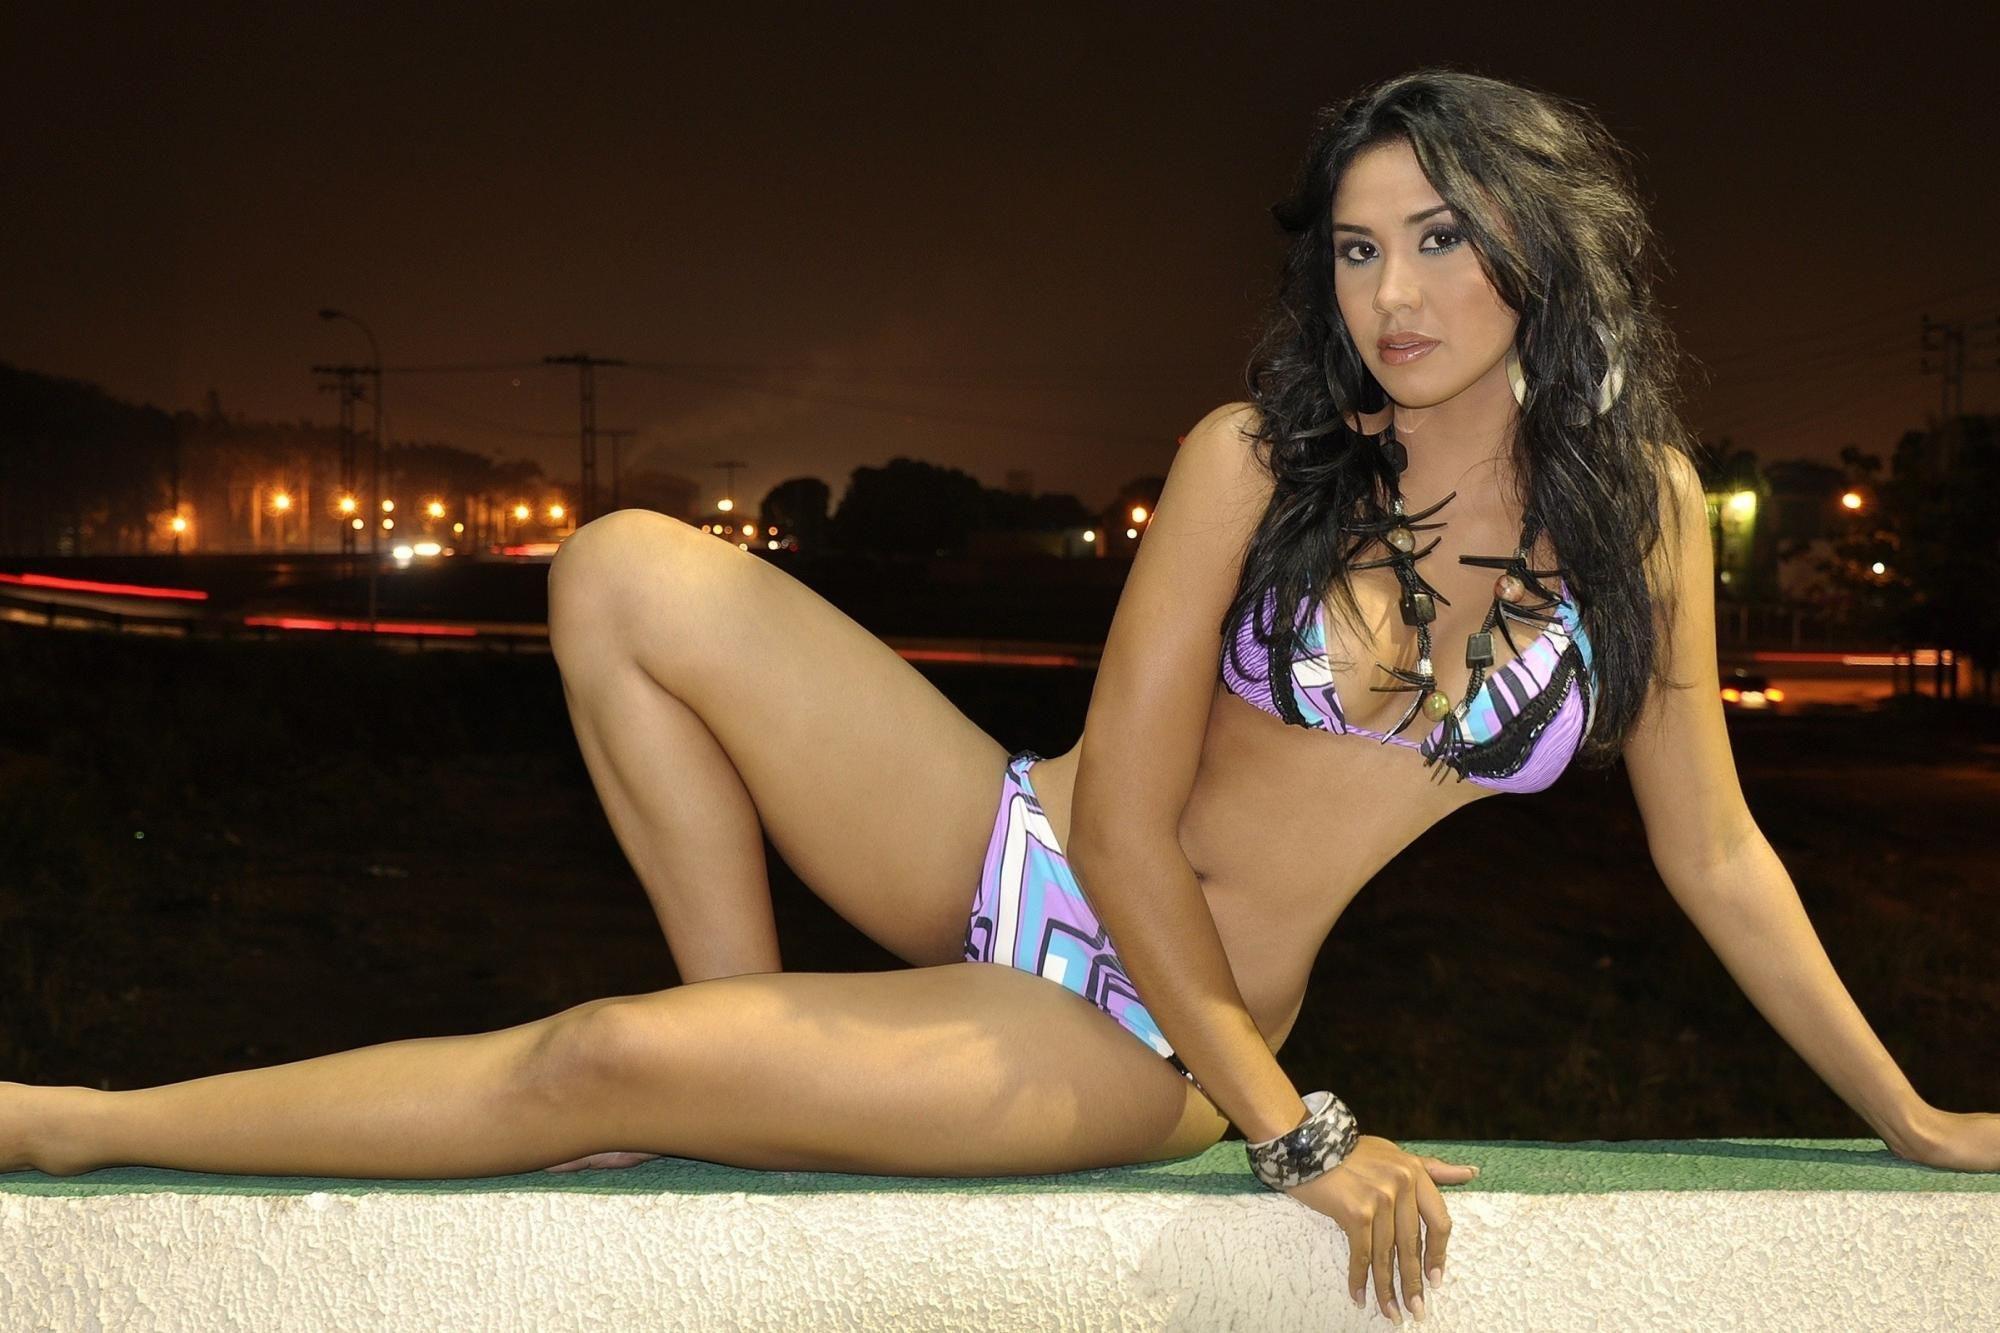 bikini girls wallpapers 9 | bikini girls wallpapers | pinterest